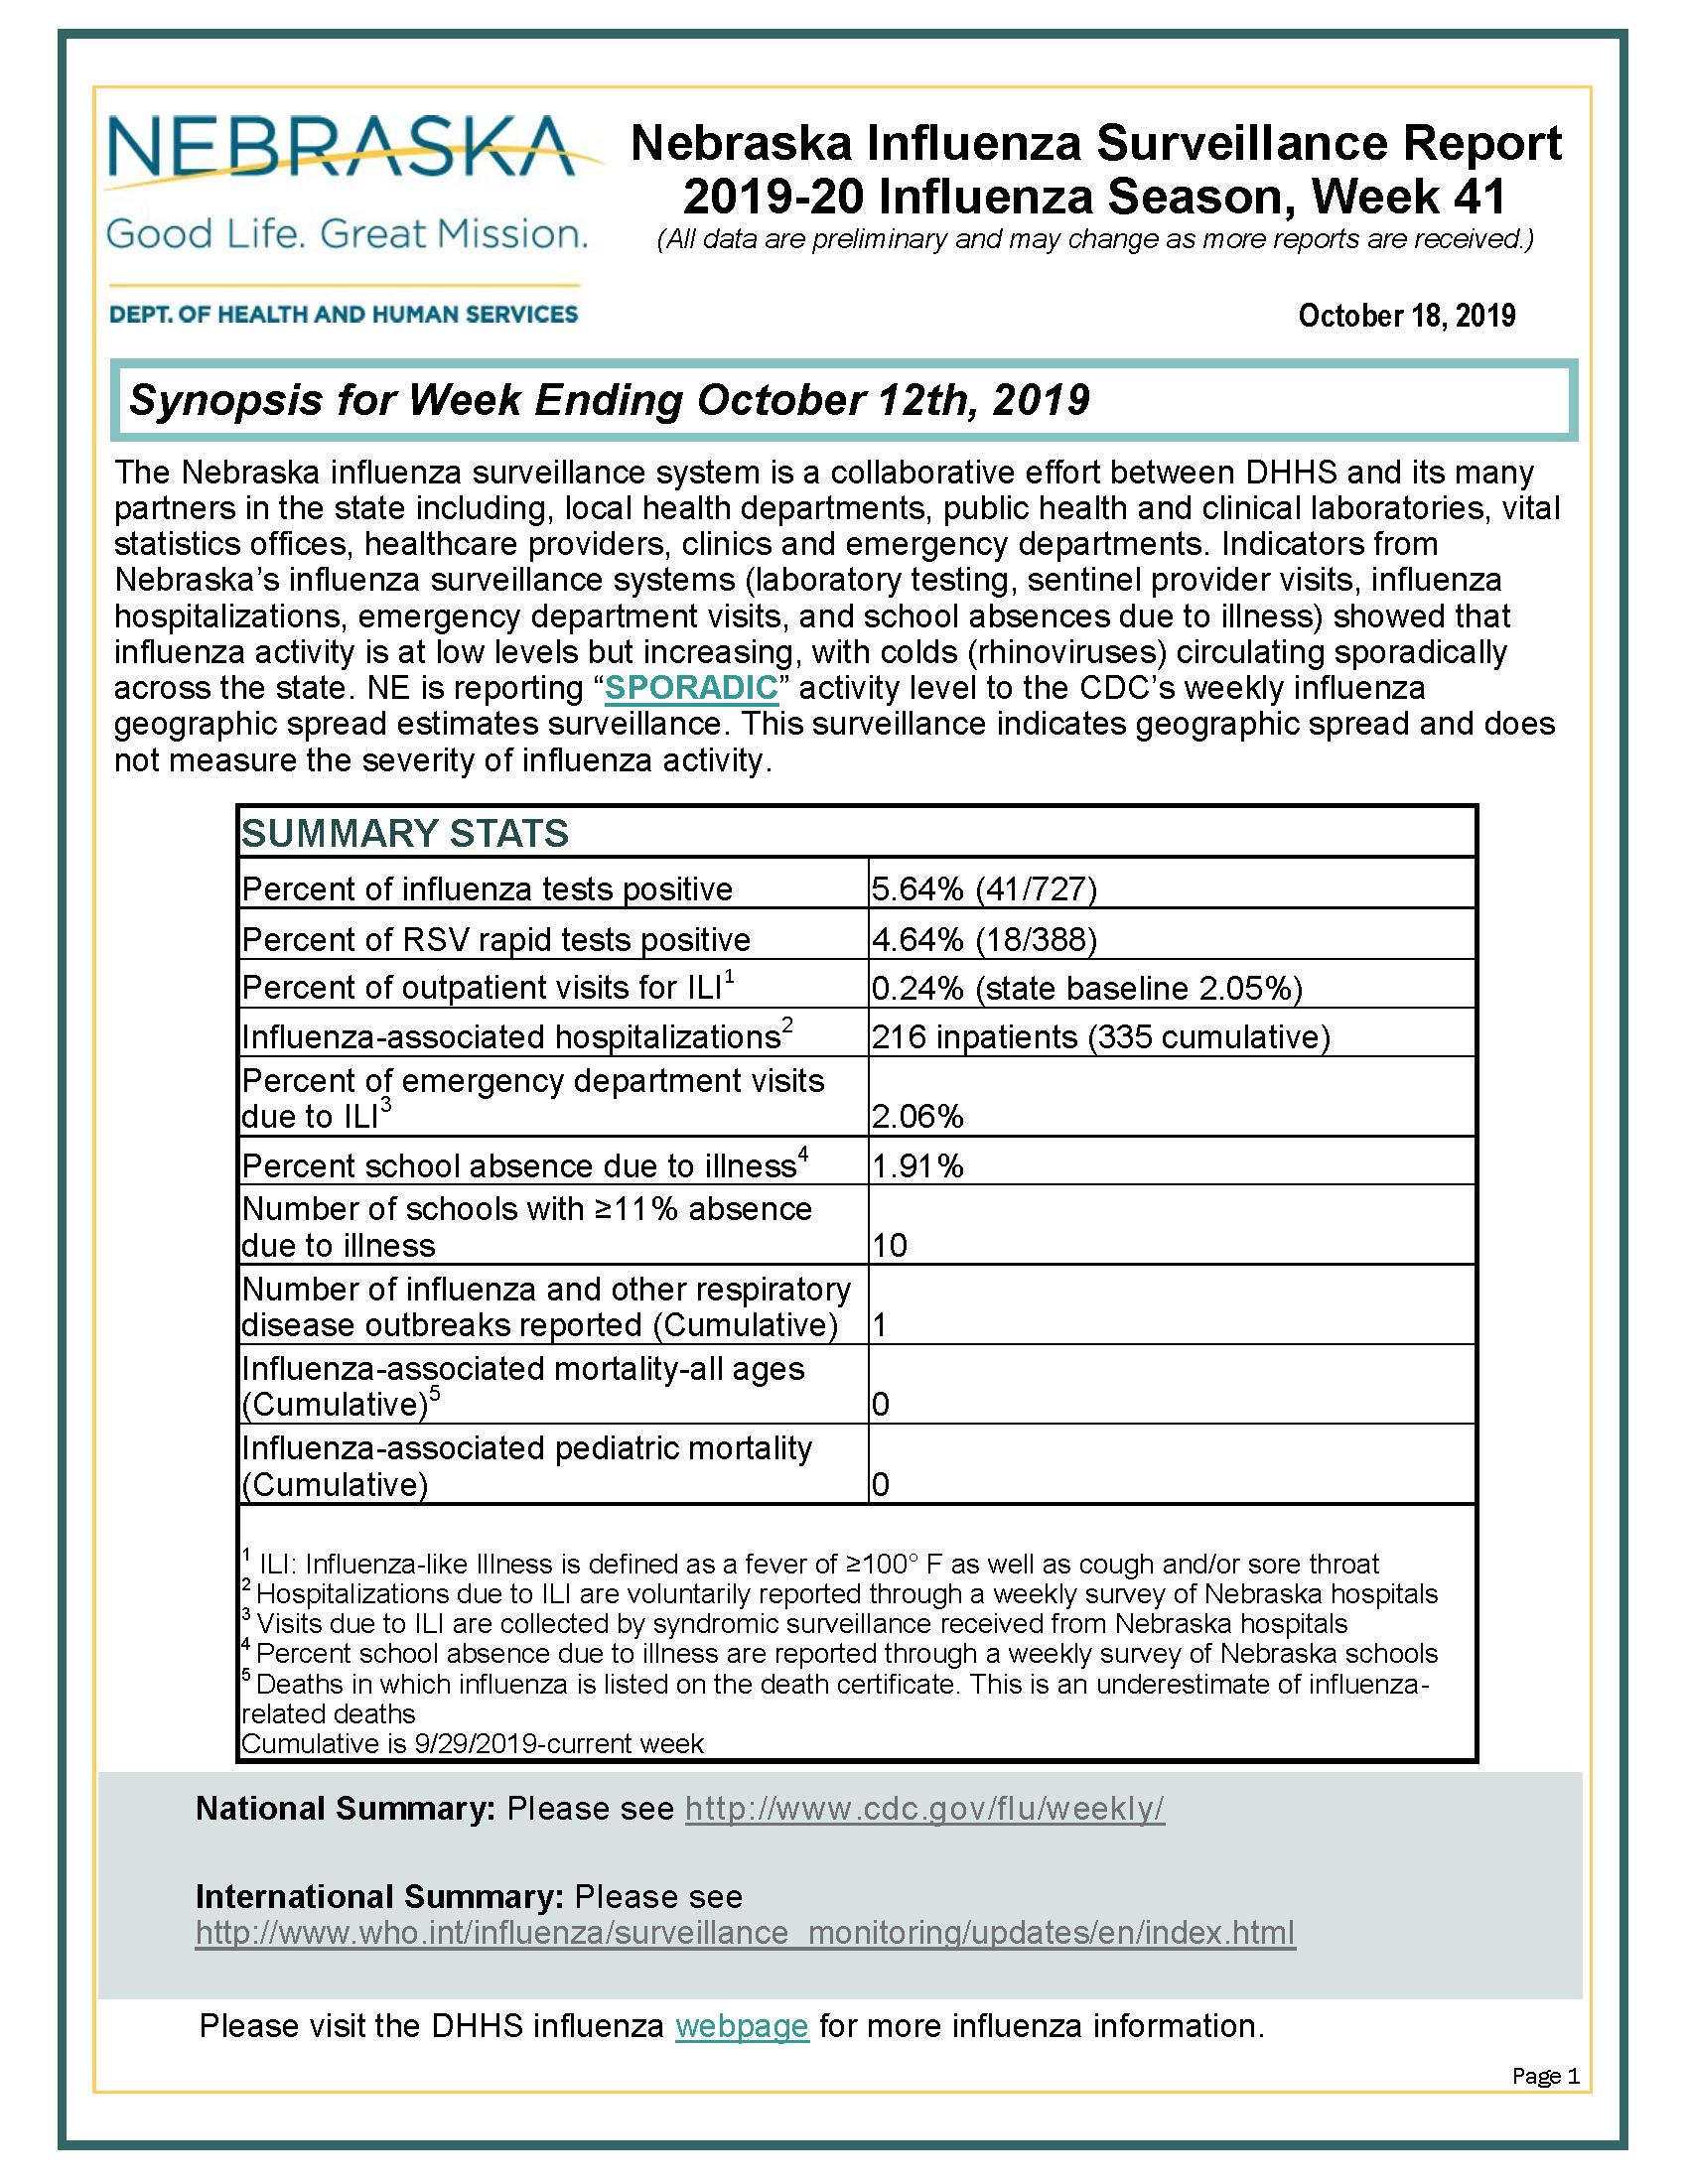 Nebraska Influenza Surveillance Report 2019-20 Influenza Season Week 41